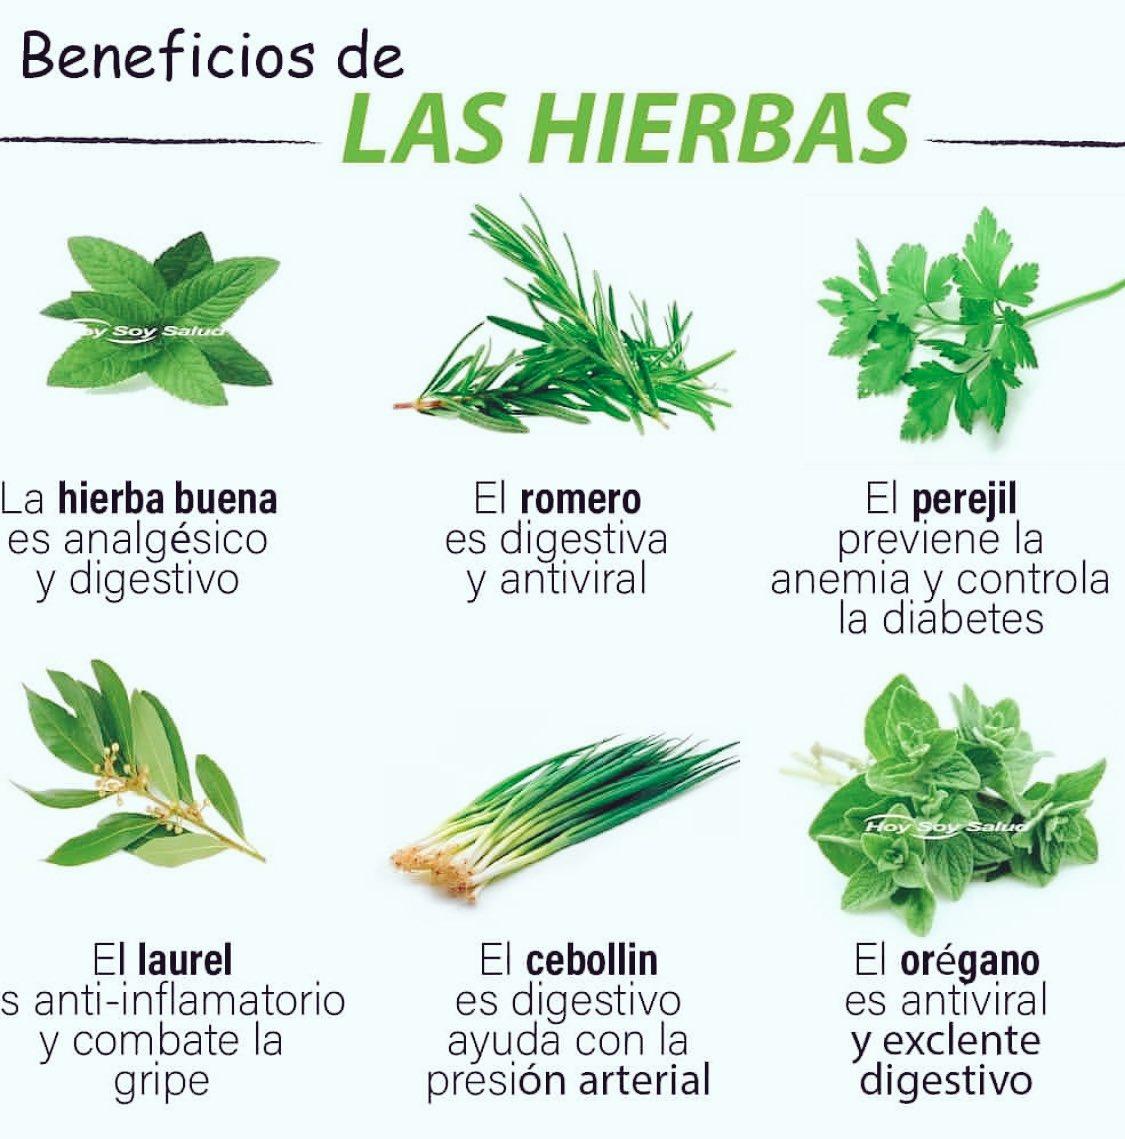 Beneficios de las hierbas 🌿🍃🌱#meditacionhoy #buenavida #buenavibra #natural #salud